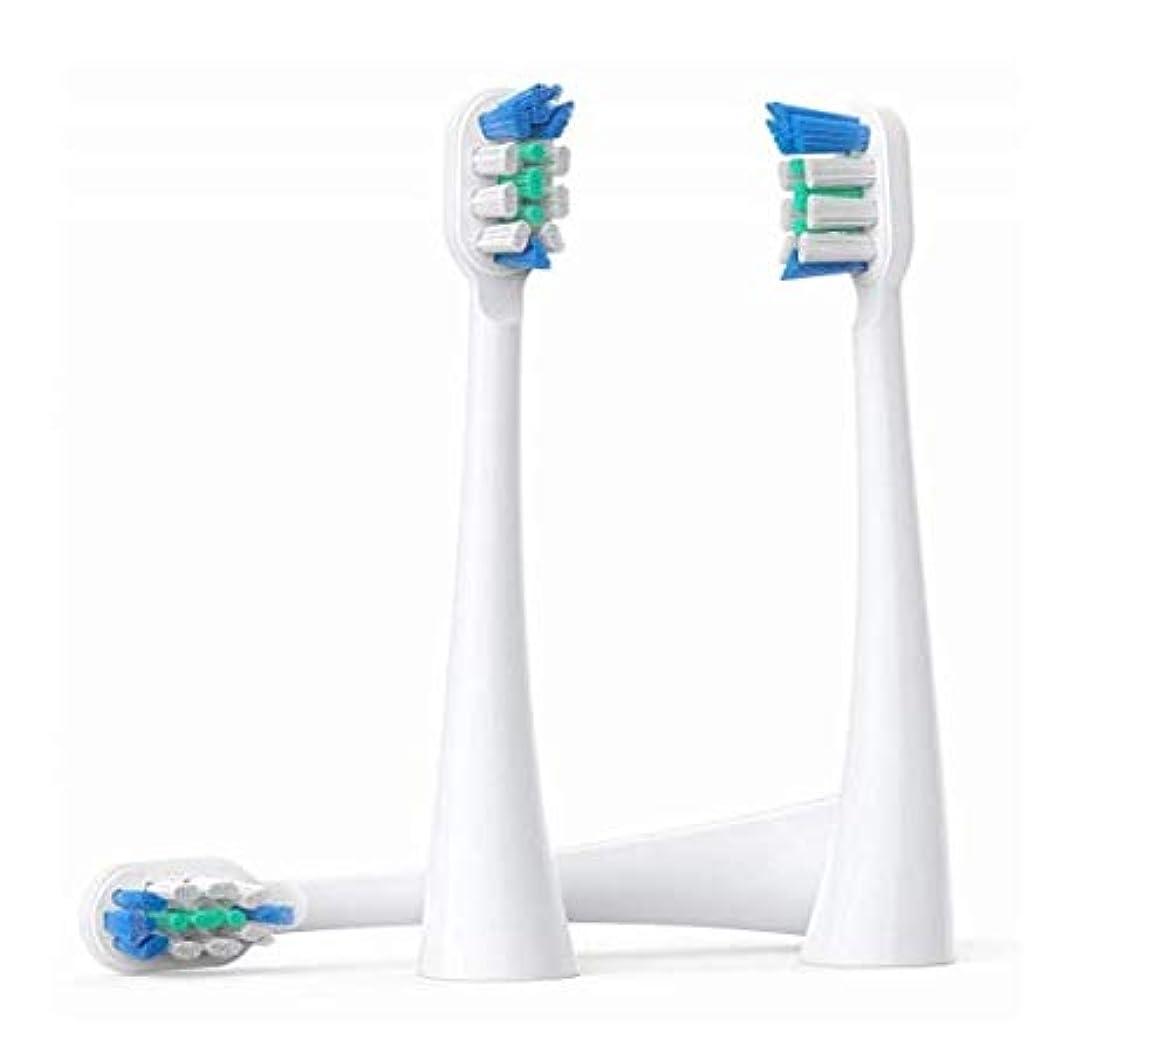 める非常に怒っています付ける交換用ブラシヘッド、パーソナルケア用の口腔歯ブラシをクリーニングするプレミアムクリーンブラシヘッド、3個